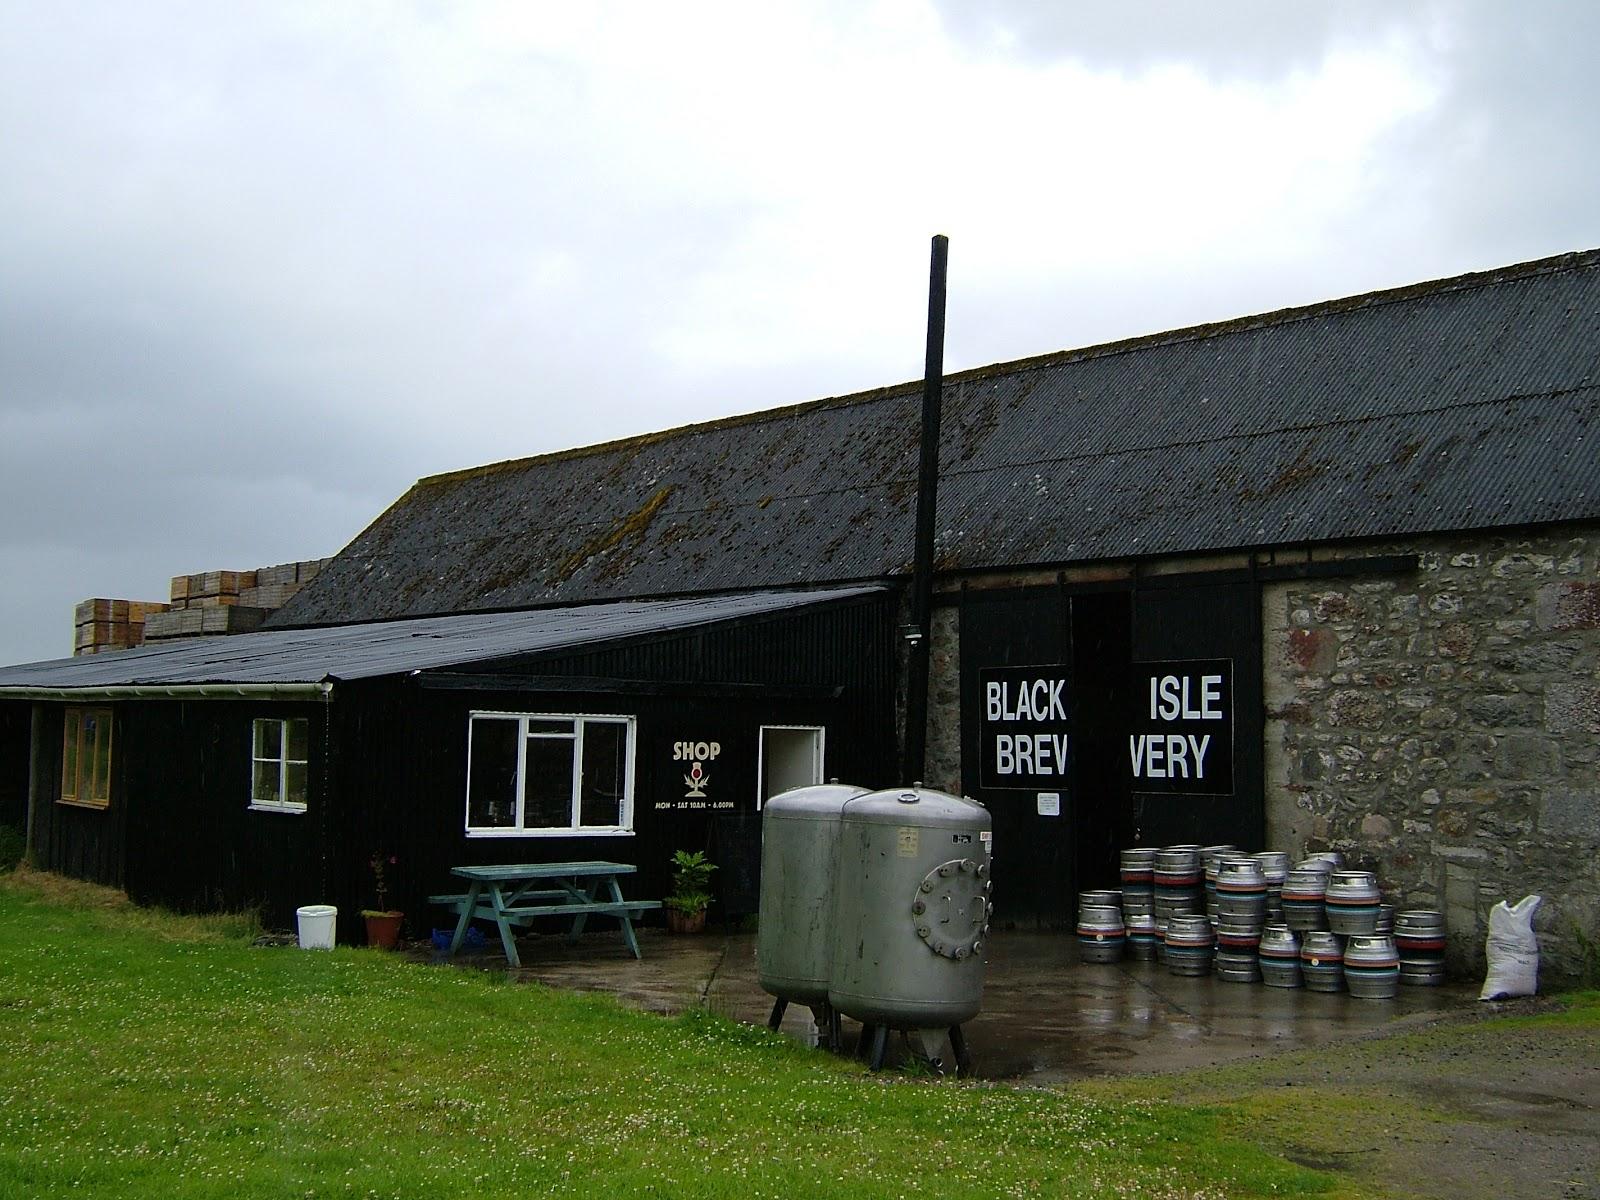 Black_Isle_Brewery_Building.JPG